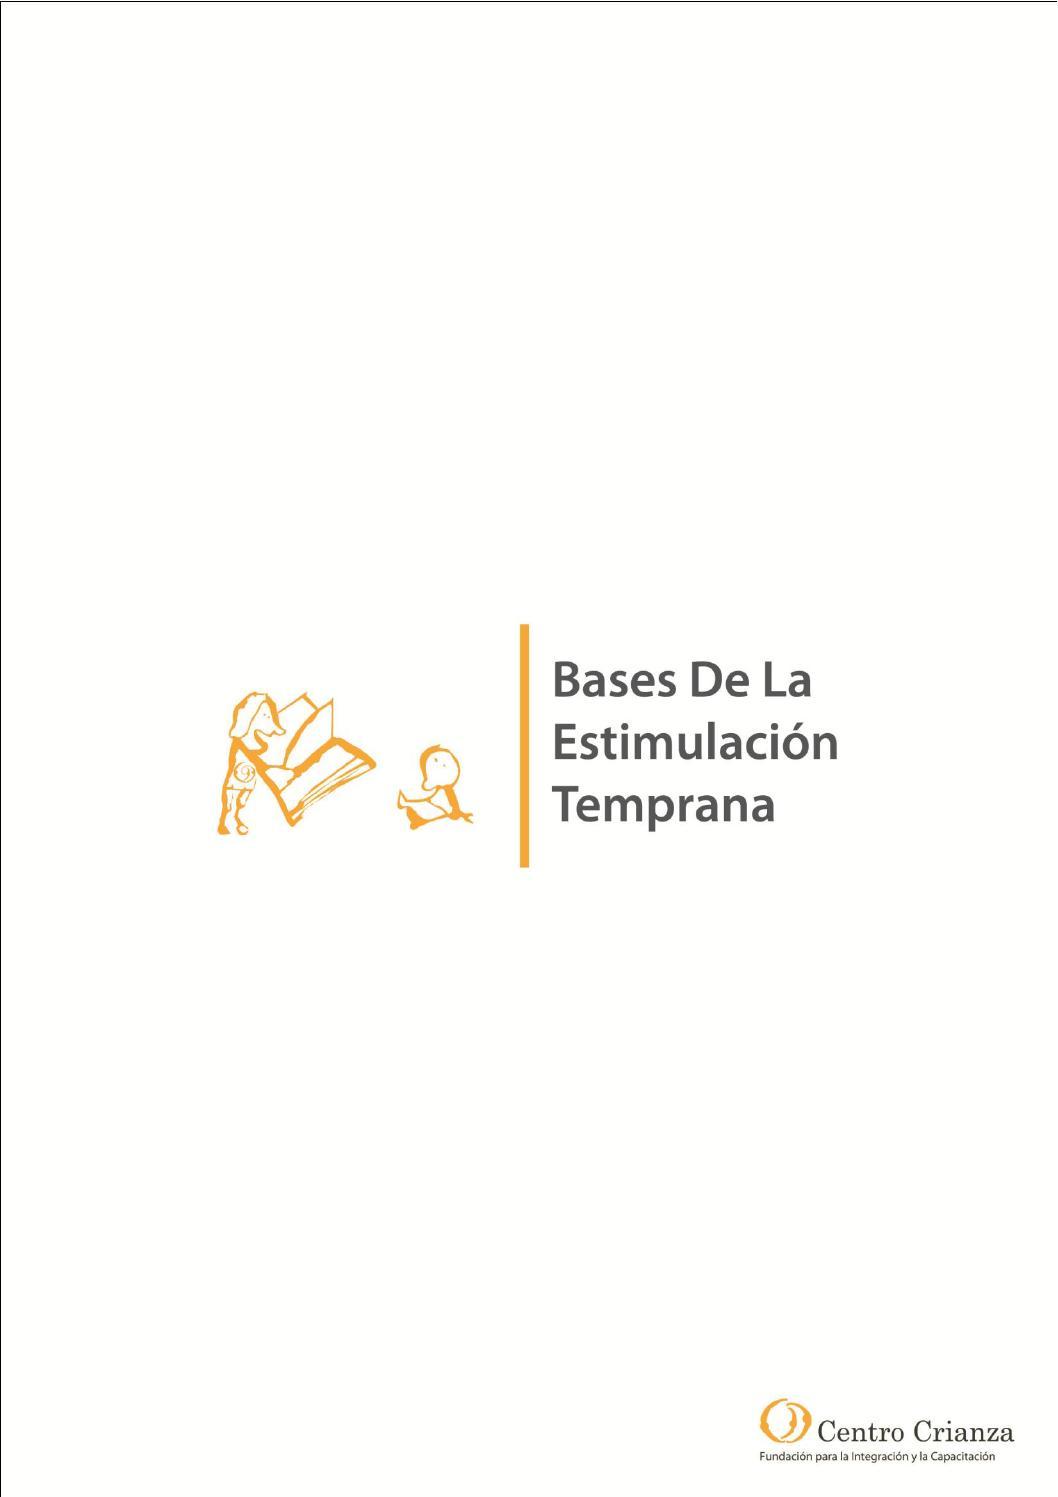 Bases de la Estimulación Temprana by Centro Crianza Fundación - issuu